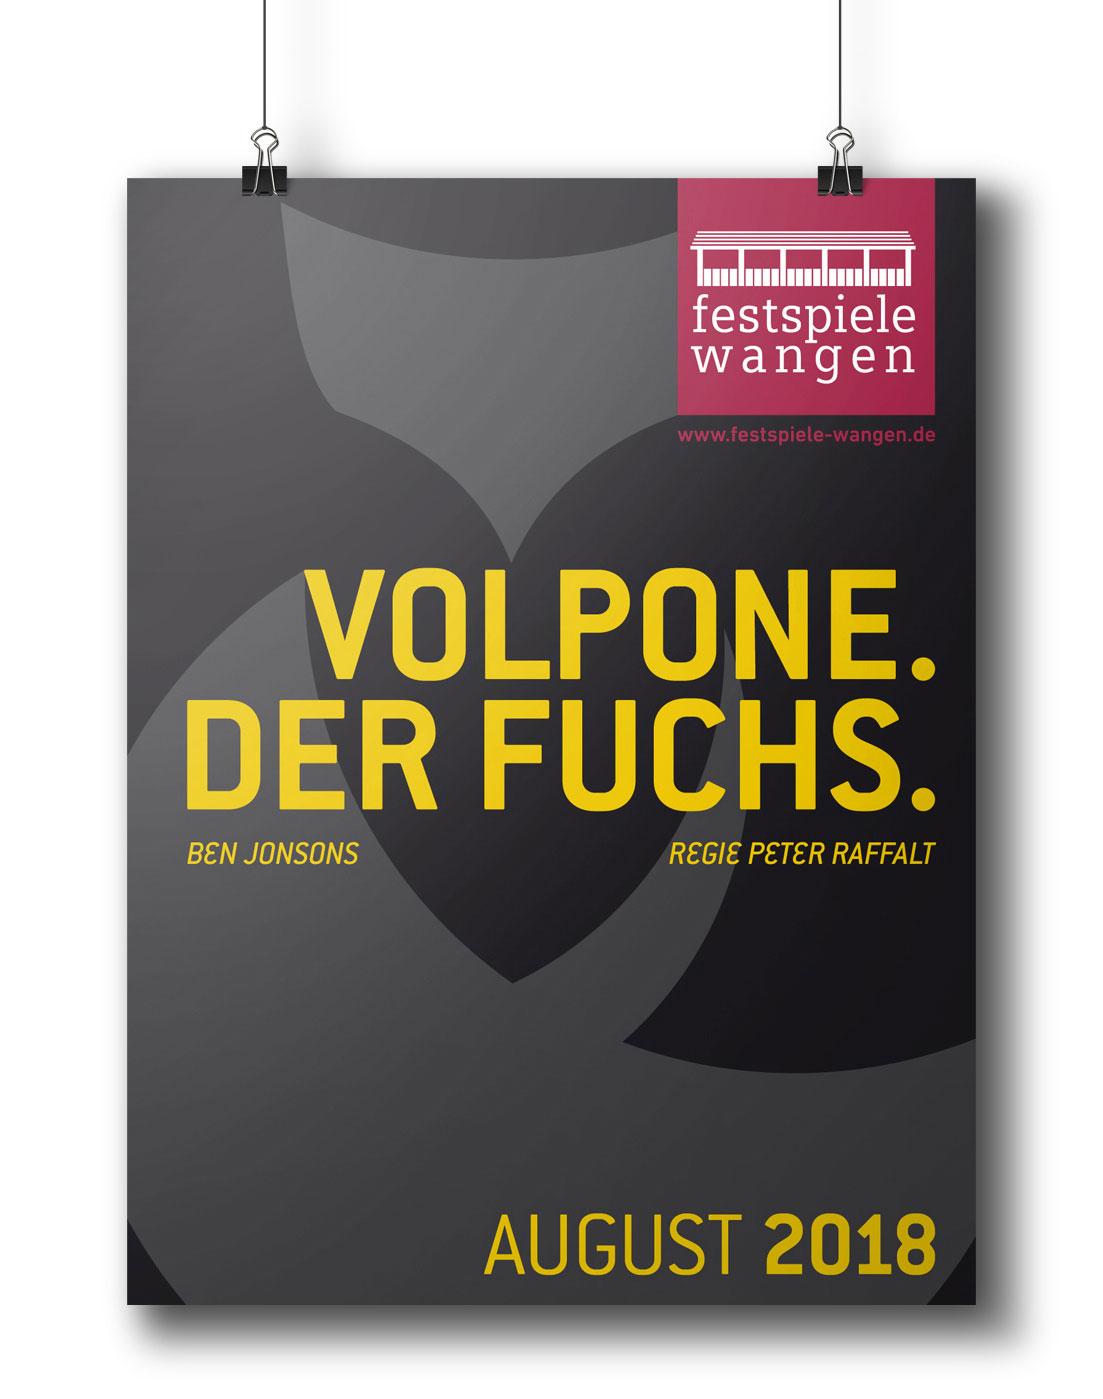 FestspieleWangen_Volpone